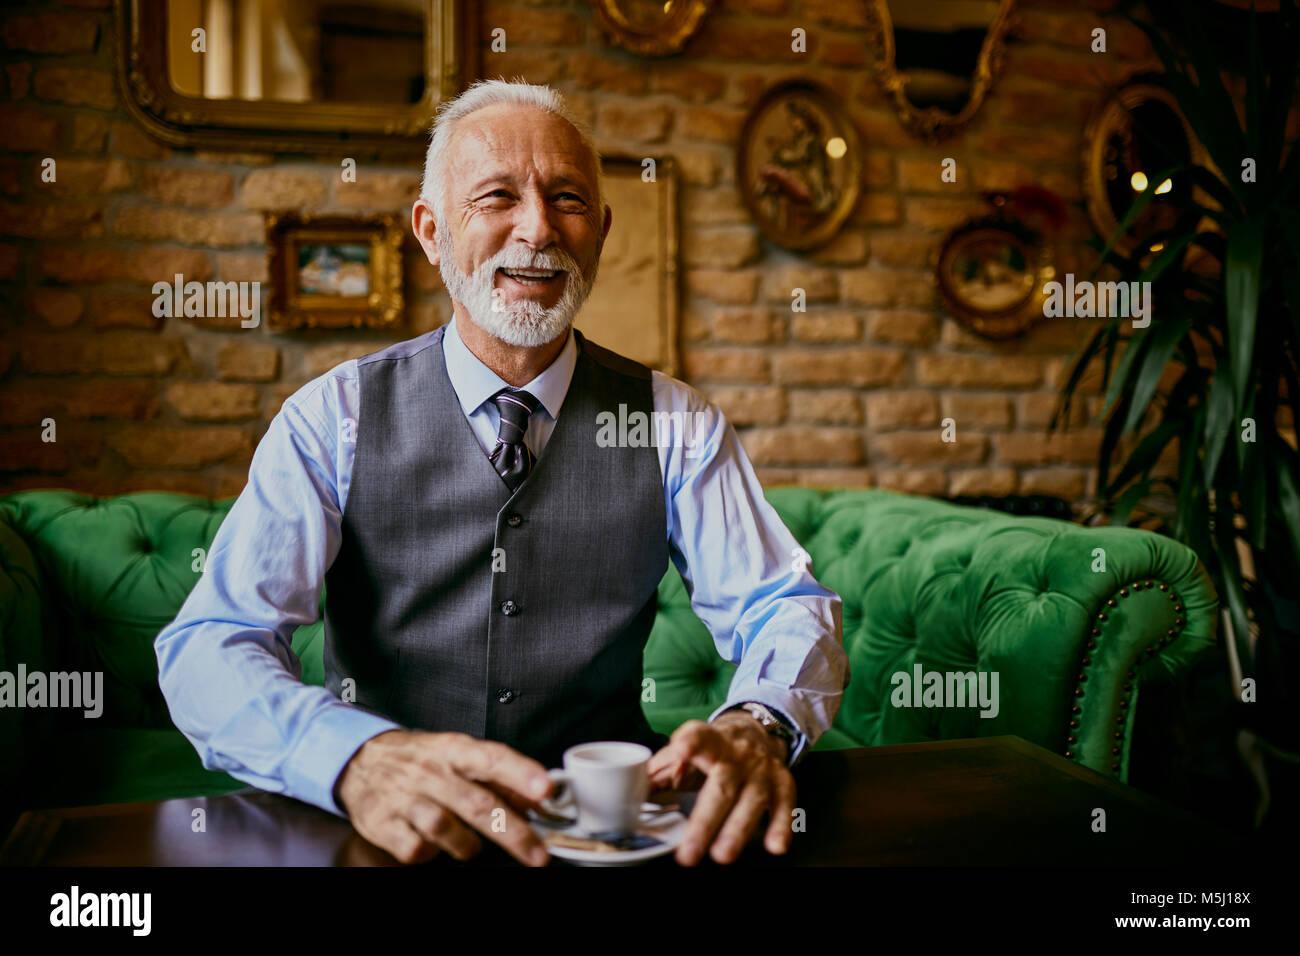 Senior elegante retrato de hombre sentado en el sofá en una cafetería sonriendo Foto de stock